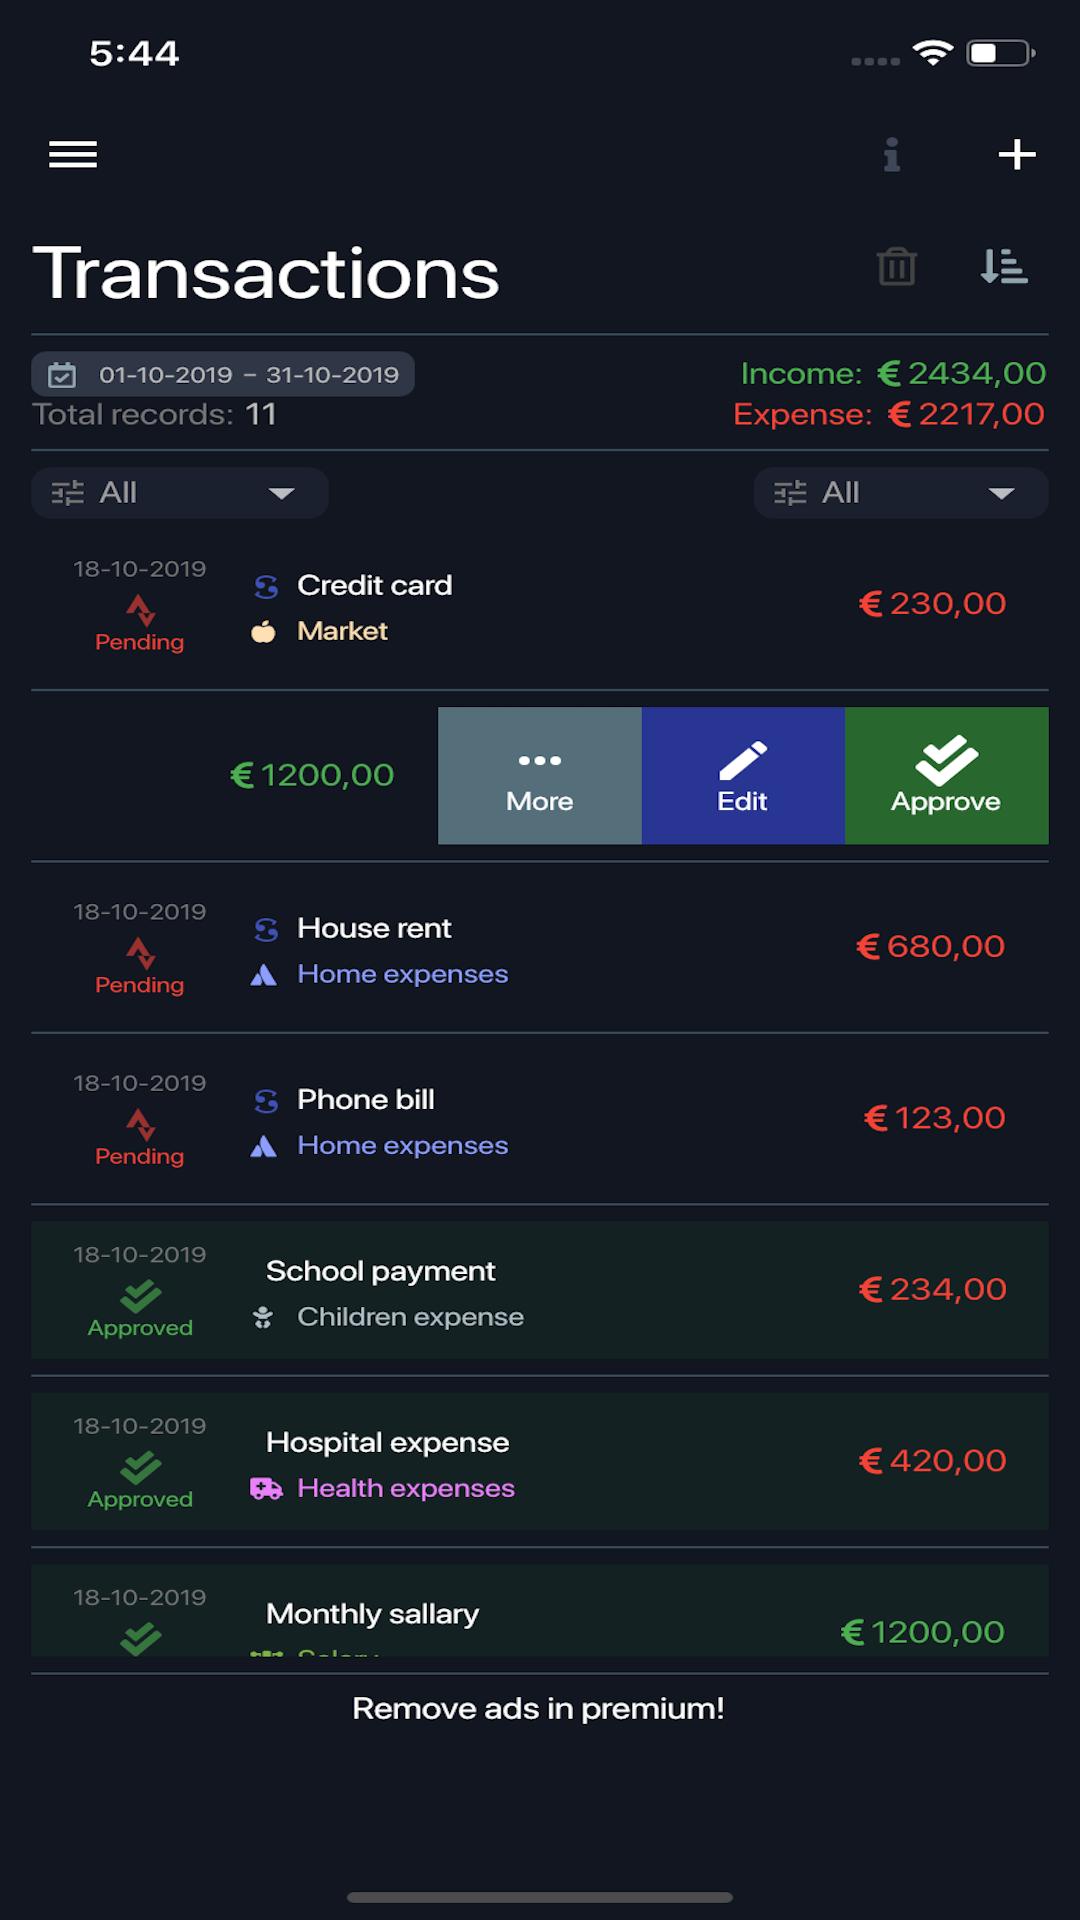 gratis Malayalam matchmaking software daterende ultrasone klanken nauwkeurig